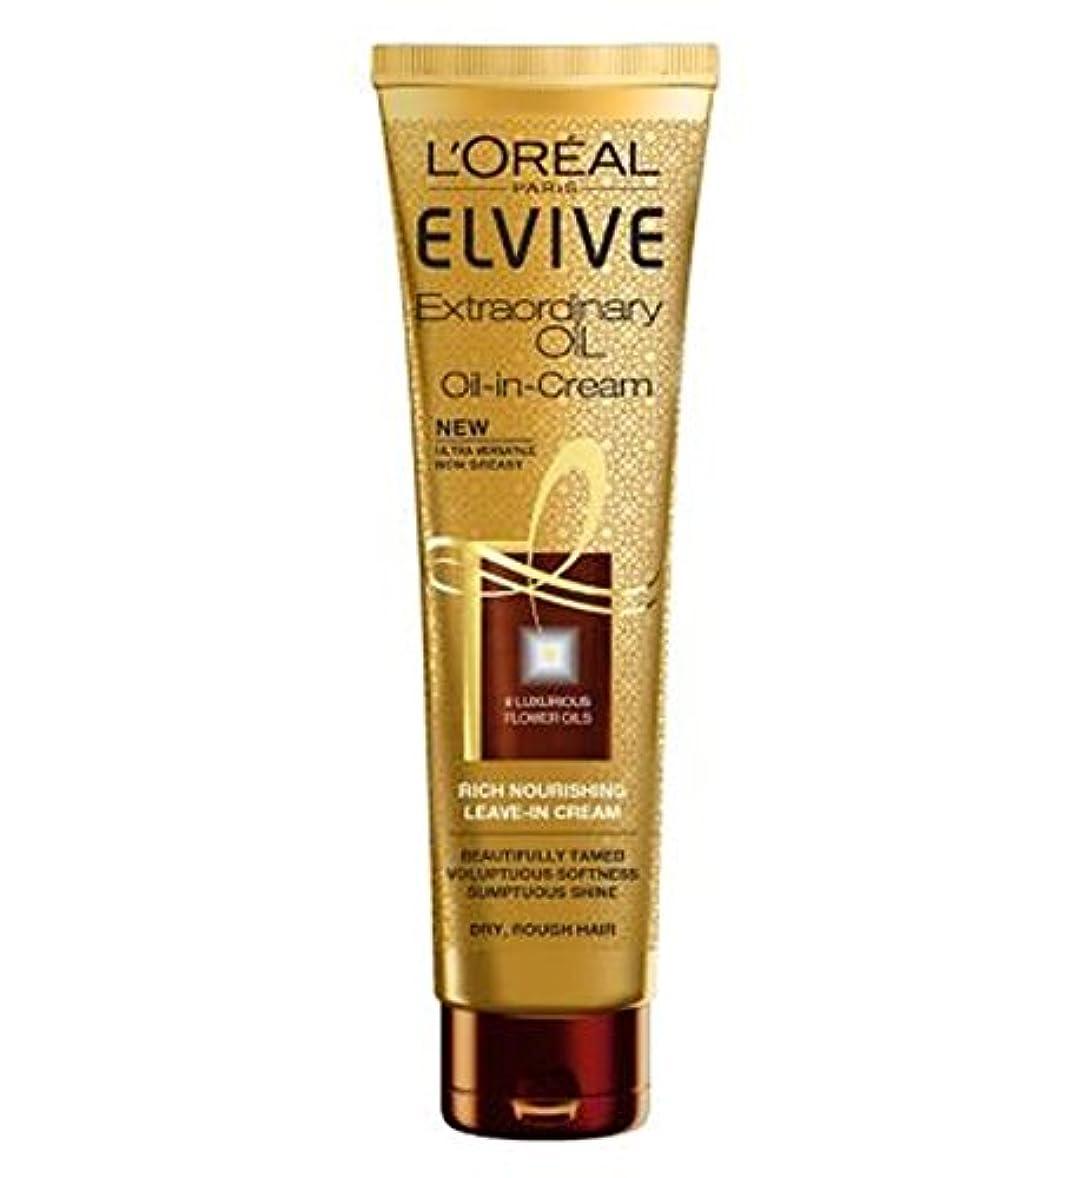 連合アークペイントクリーム乾いた髪でロレアルパリElvive臨時オイル (L'Oreal) (x2) - L'Oreal Paris Elvive Extraordinary Oil in Cream Dry Hair (Pack of...